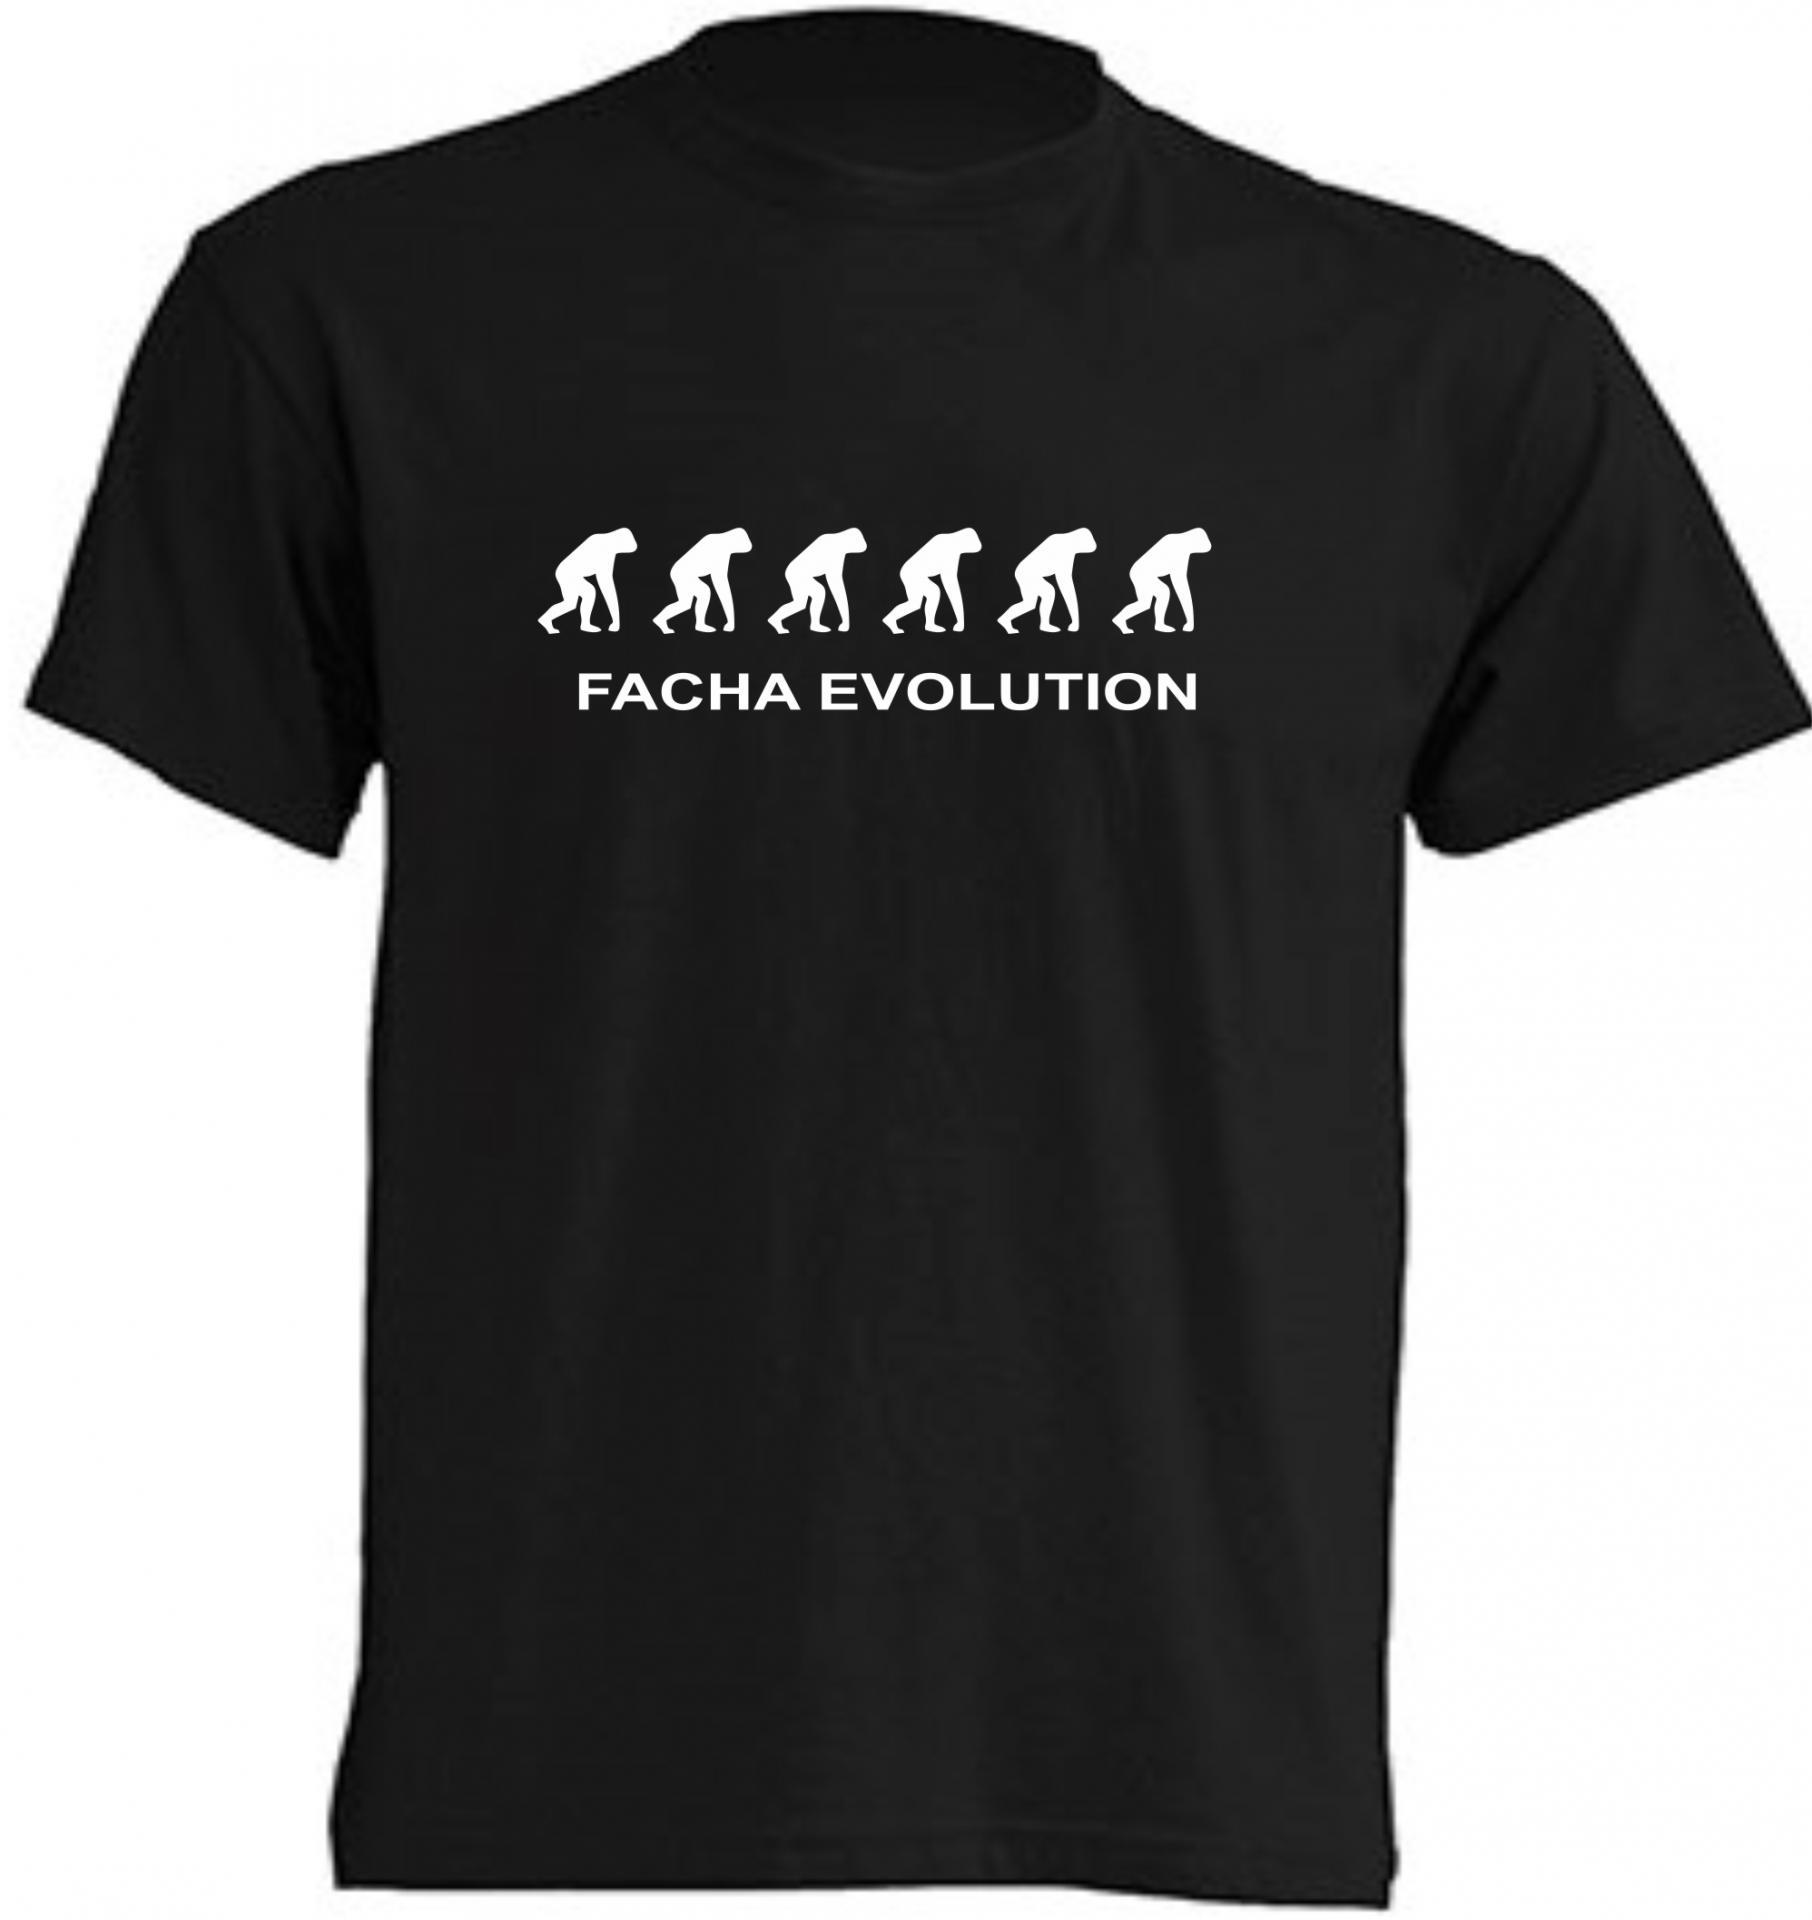 Camiseta Facha Evolution